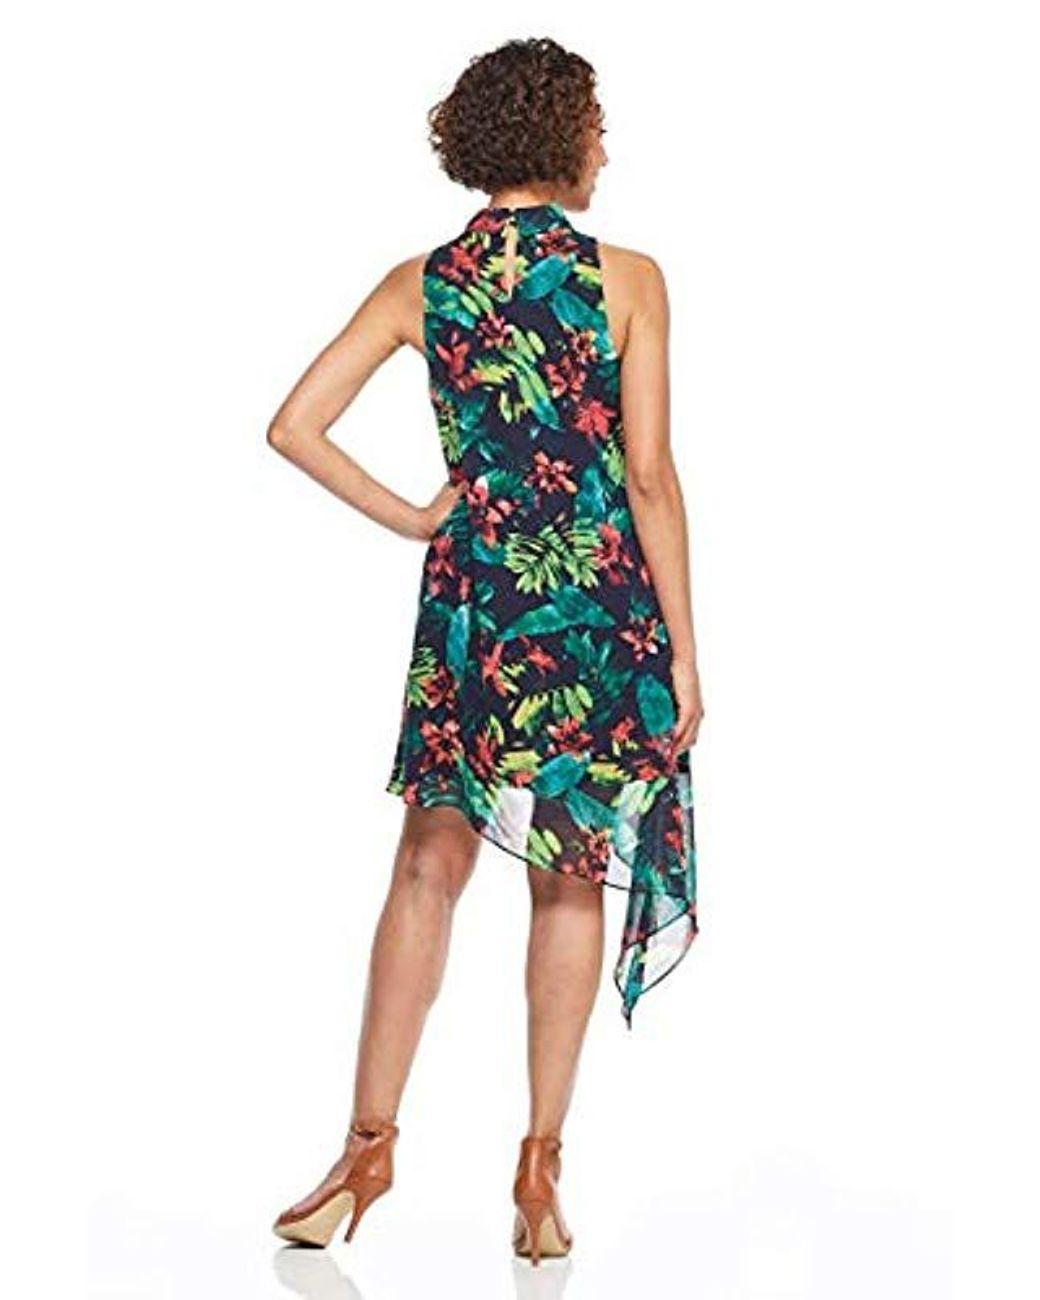 La Maison De Maggy Bondues hot tropics chiffon cocktail dress with asymmetrical hem